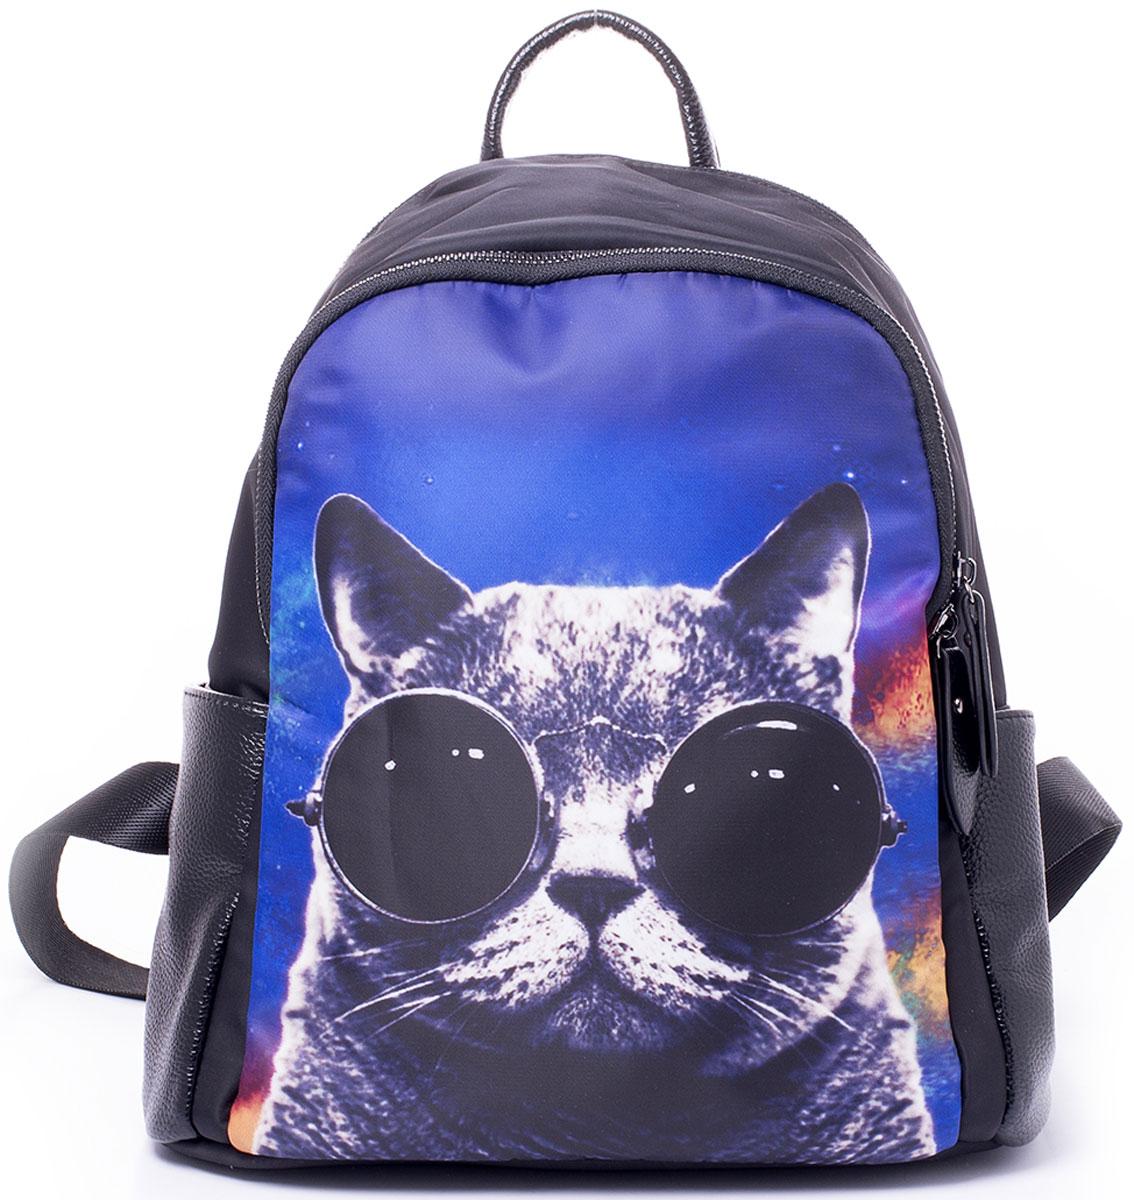 Рюкзак женский Baggini, цвет: черный, мультиколор. 29864-1/99BM8434-58AEКрасивый и практичный рюкзак Baggini исполнен из текстиля с элементами экокожи. Перед рюкзака оформлен сочным фото-принтом. Внутри рюкзак имеет два вместительных отделения на молнии. В большем из них присутствуют два кармашка - для мелочей и под сотовый телефон, а так же один прорезной карман на молнии. По бокам рюкзака имеются карманы на магнитных кнопках, на спинке вертикальный карман на застежке-молнии. Изделие оснащено удобными регулируемыми наплечными лямками и, для удобной переноски, ручкой сверху.